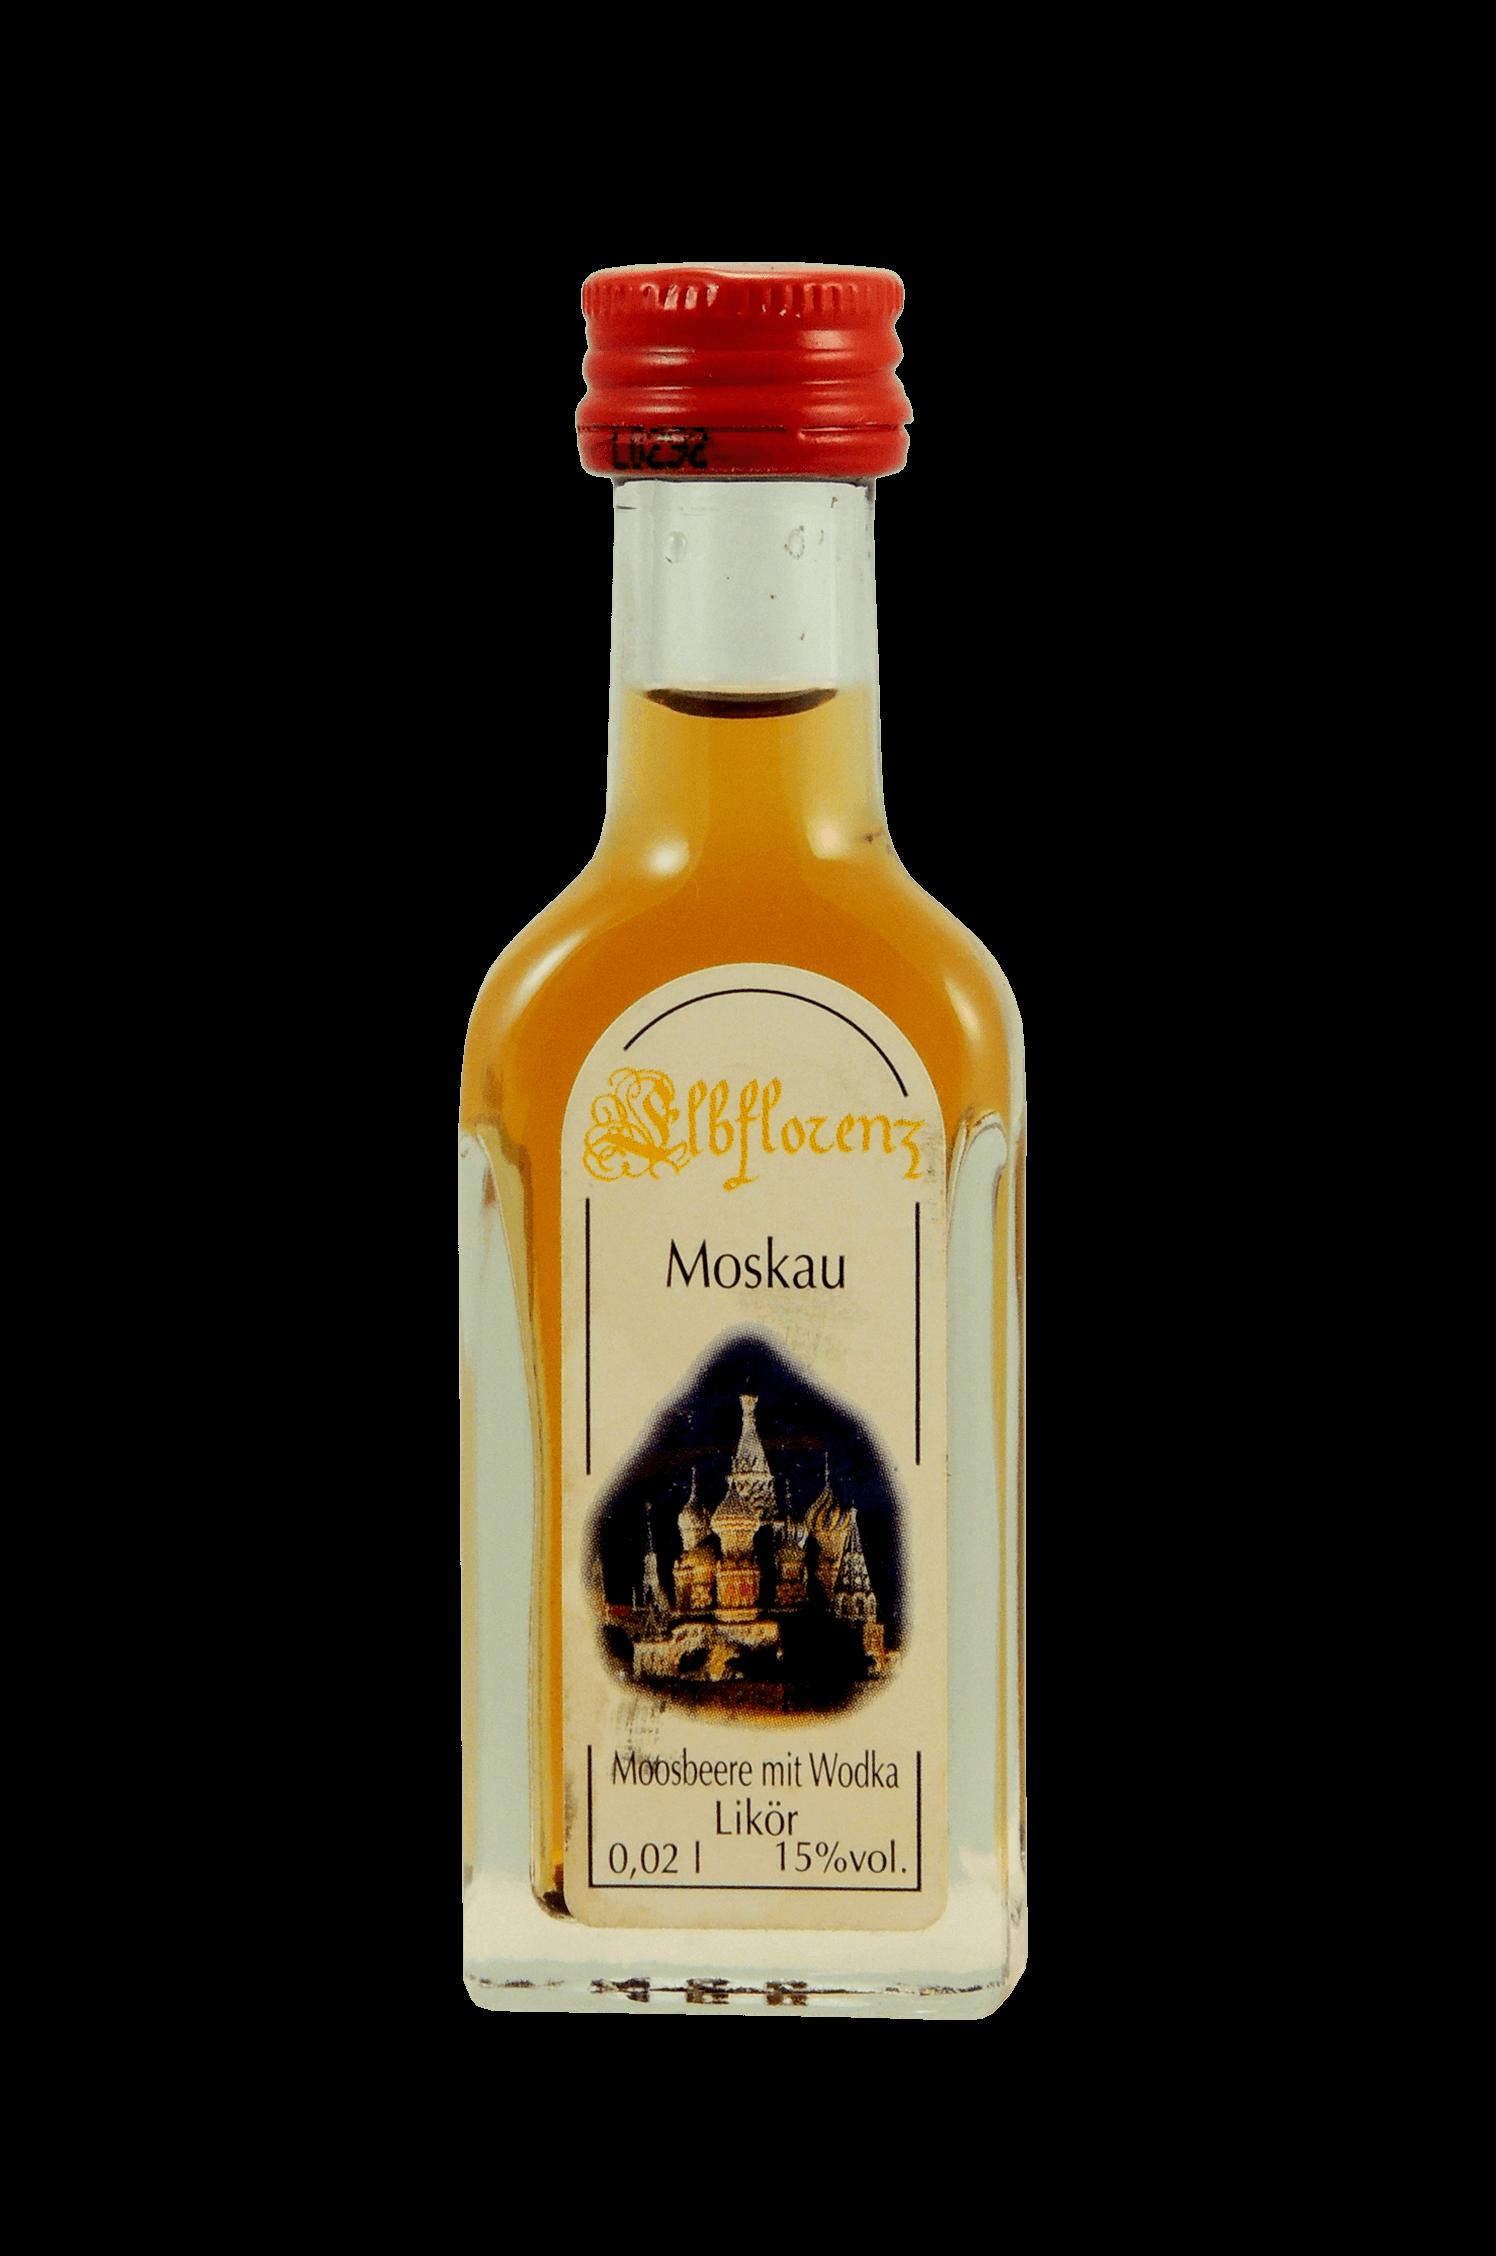 Moobeere mit Wodka Likör